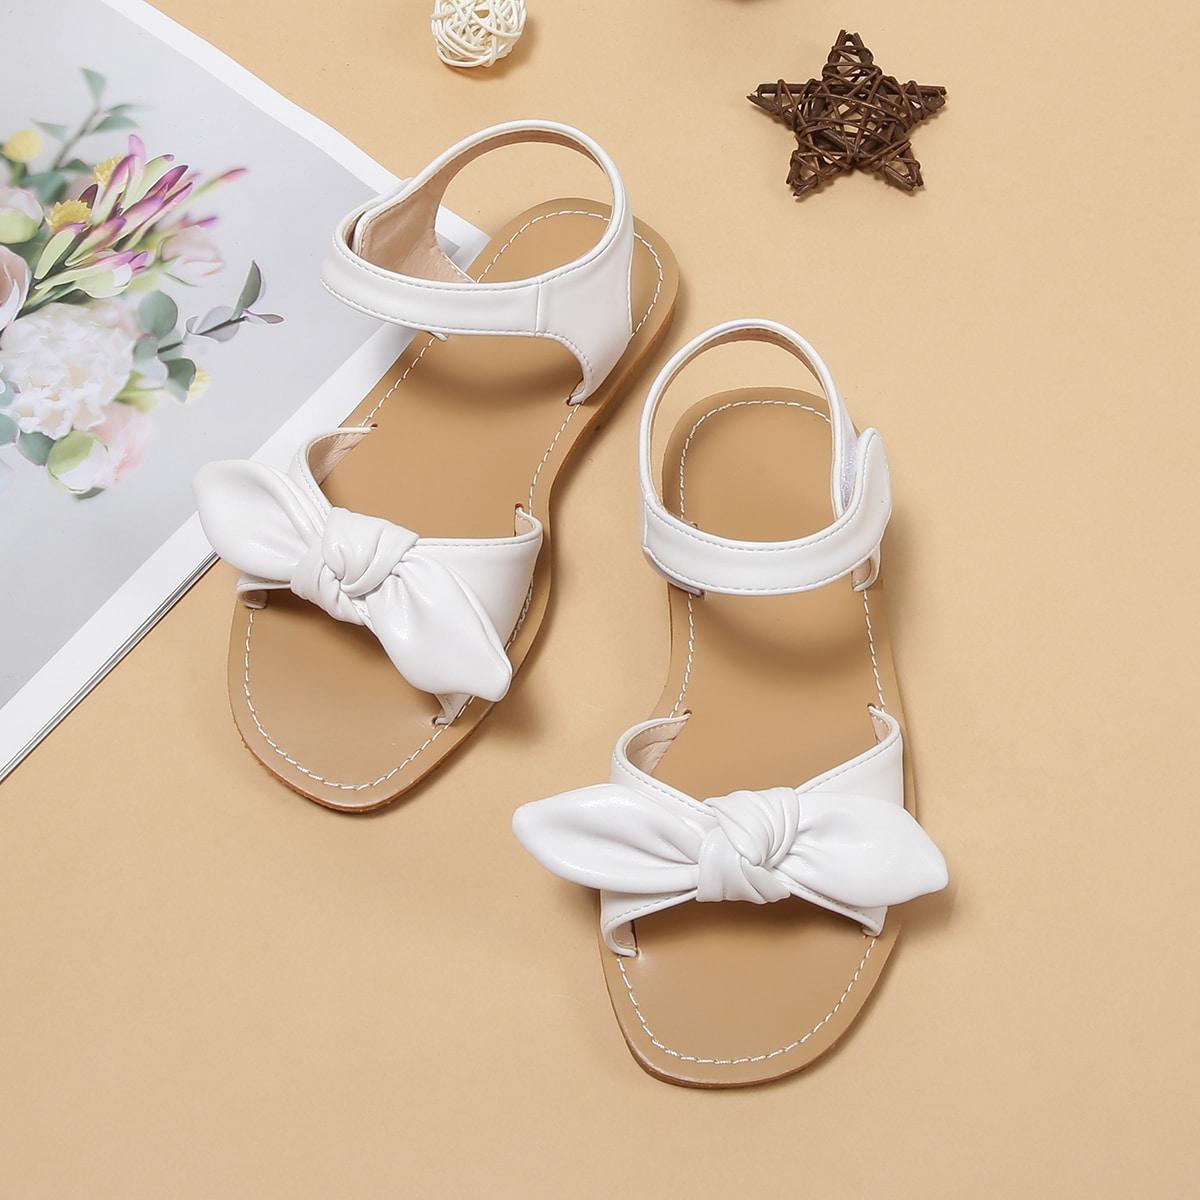 Girls Knot Decor Sandals